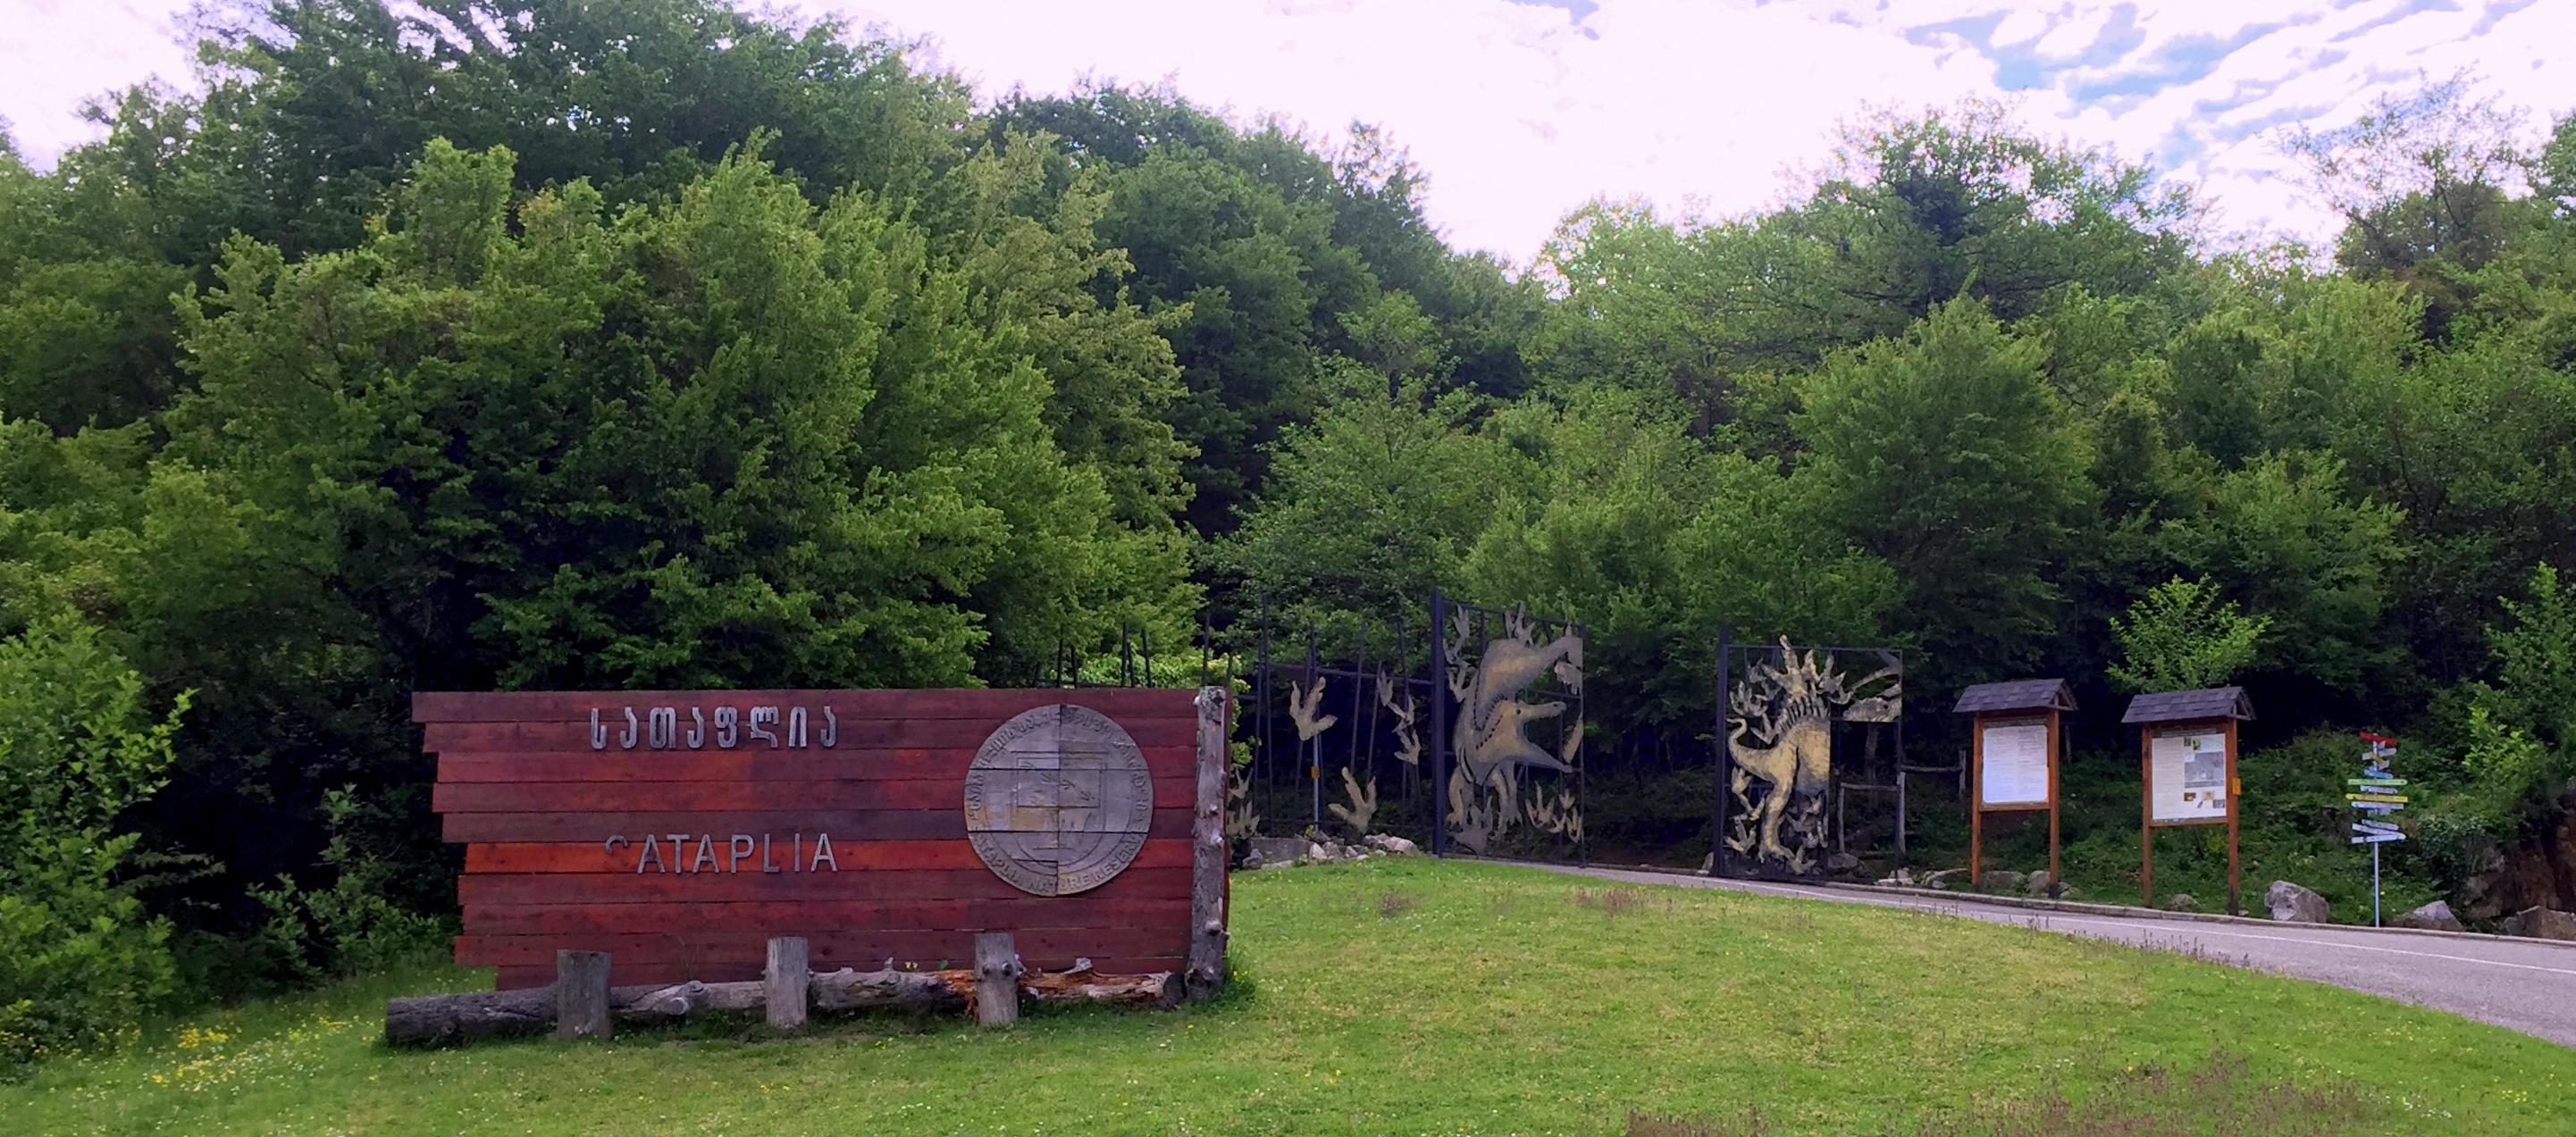 пещера Сатаплия, Сатаплио, Сатплиа заповедник многодневный тур